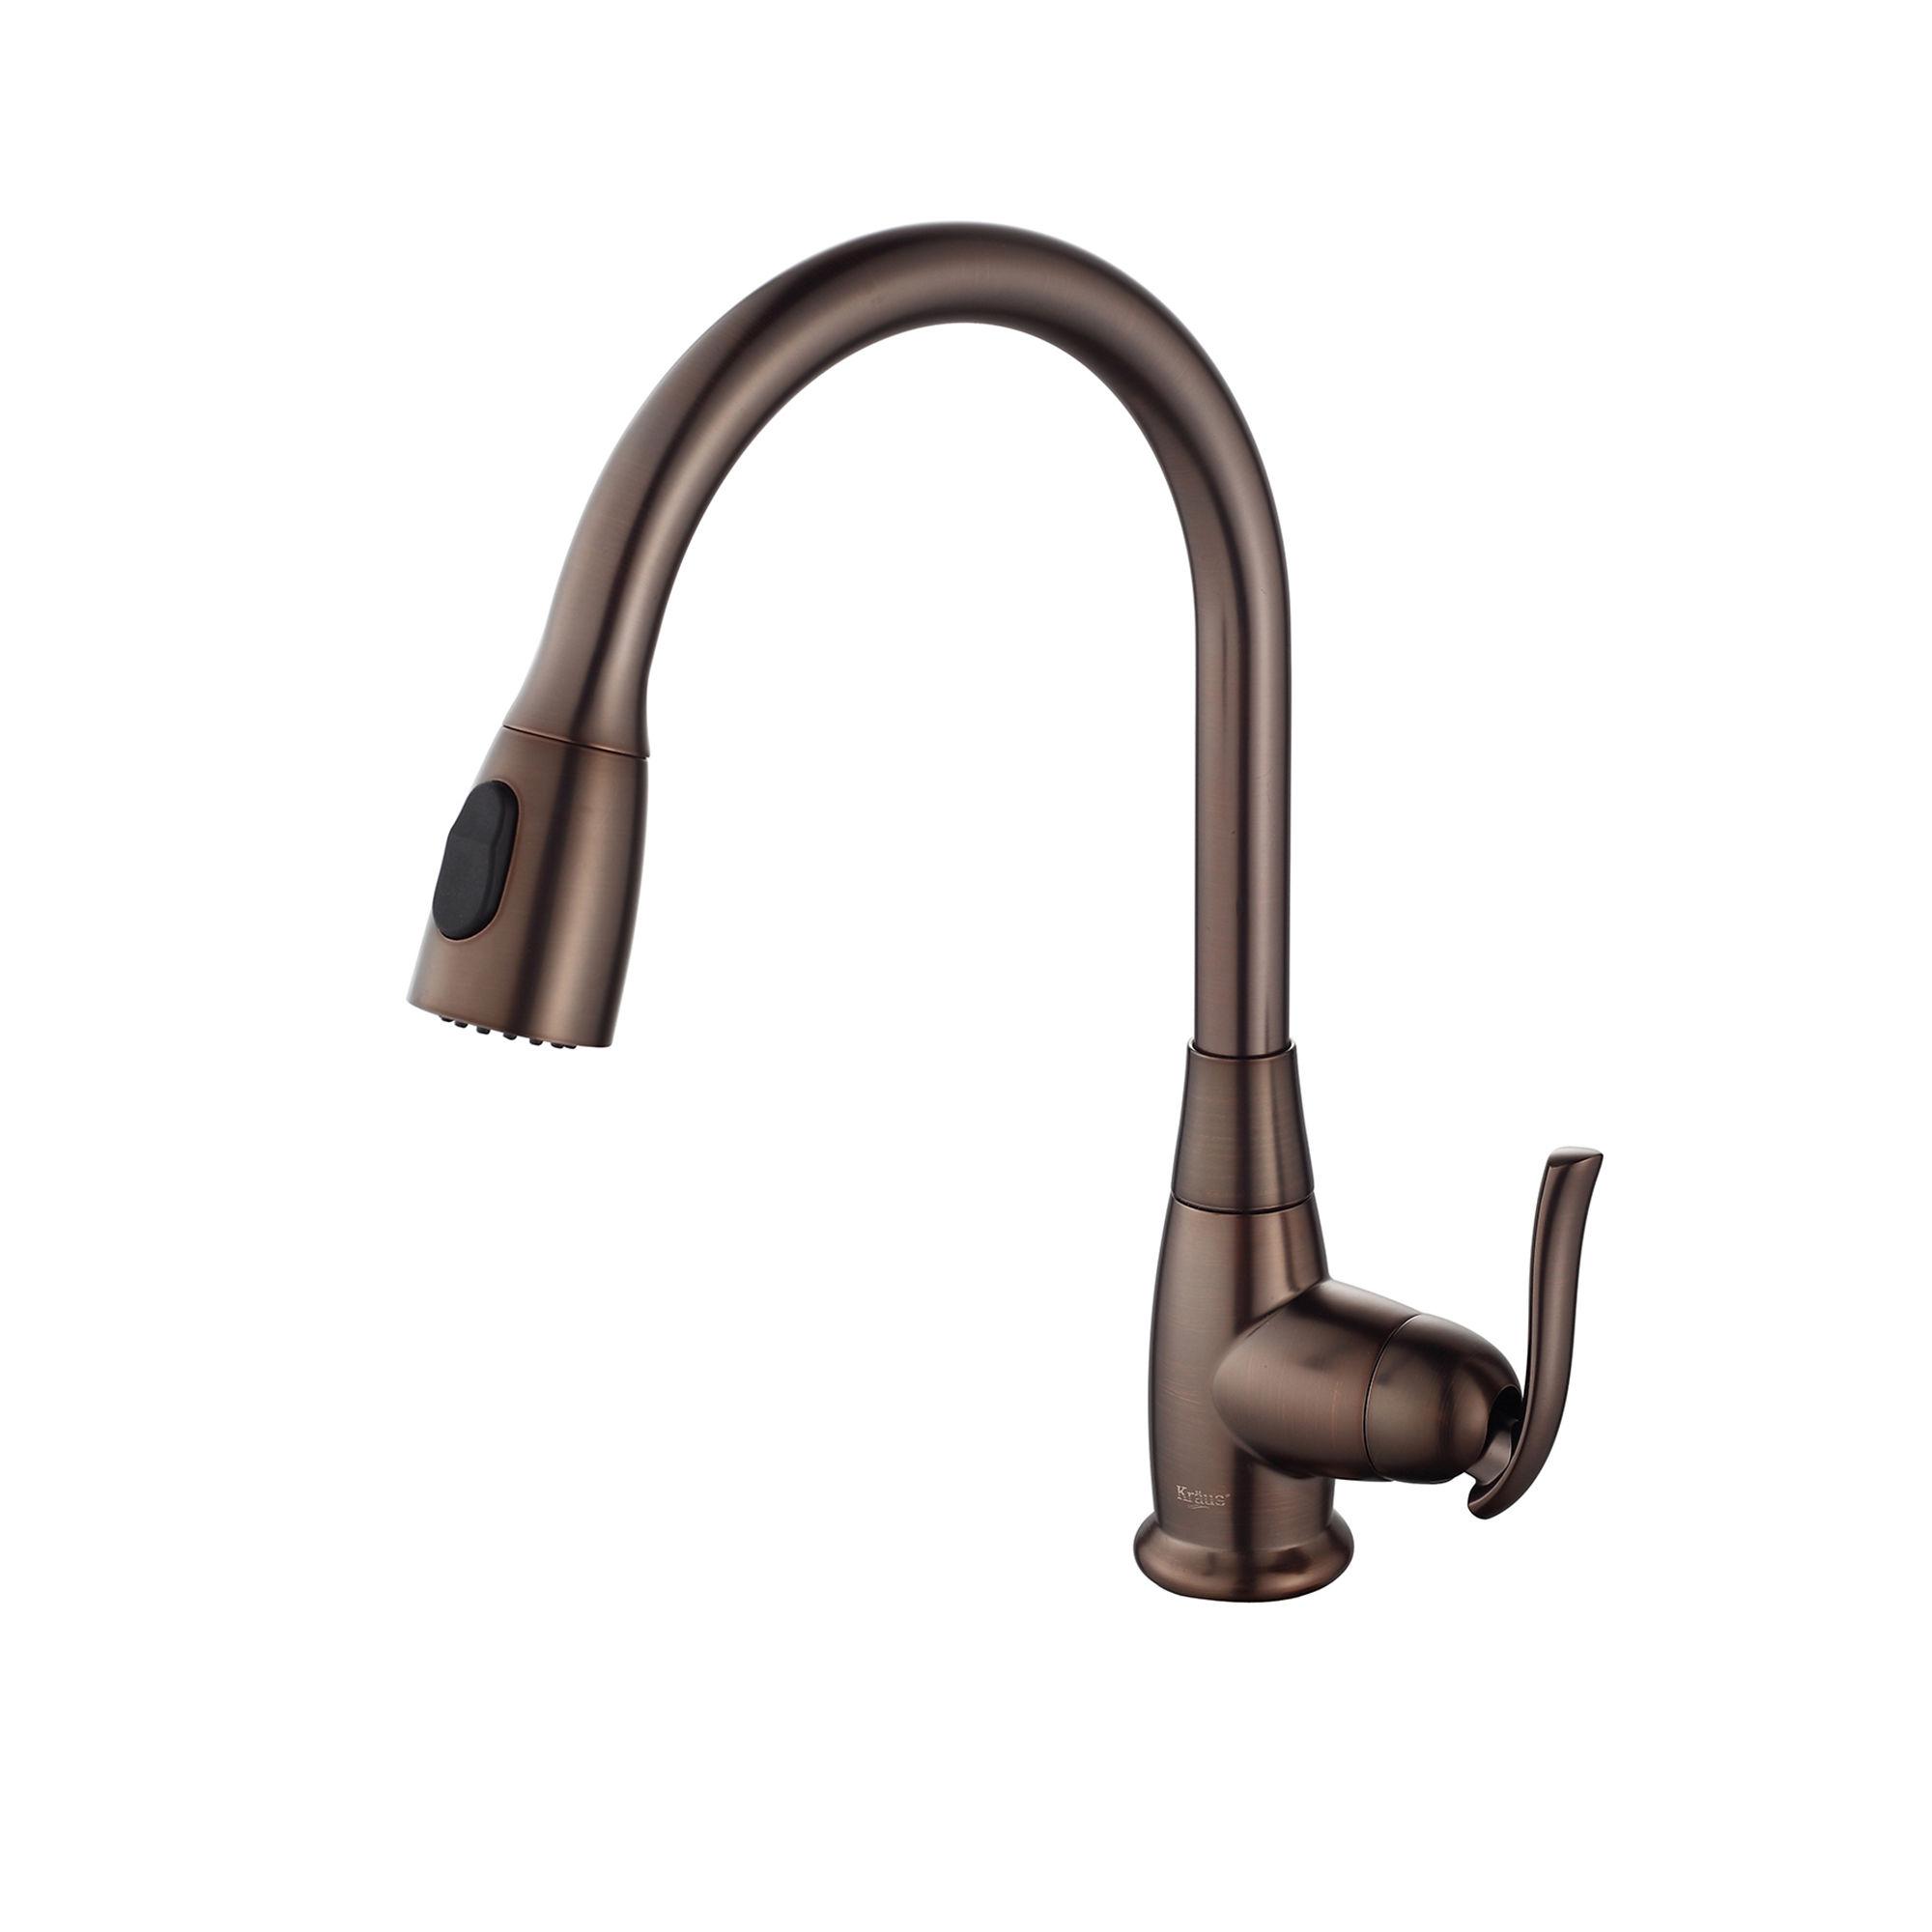 Kraus kbu14 kpf 2230orb stainless steel oil rubbed bronze kitchen combo 31 1 2 undermount single basin 16 gauge stainless steel kitchen sink with